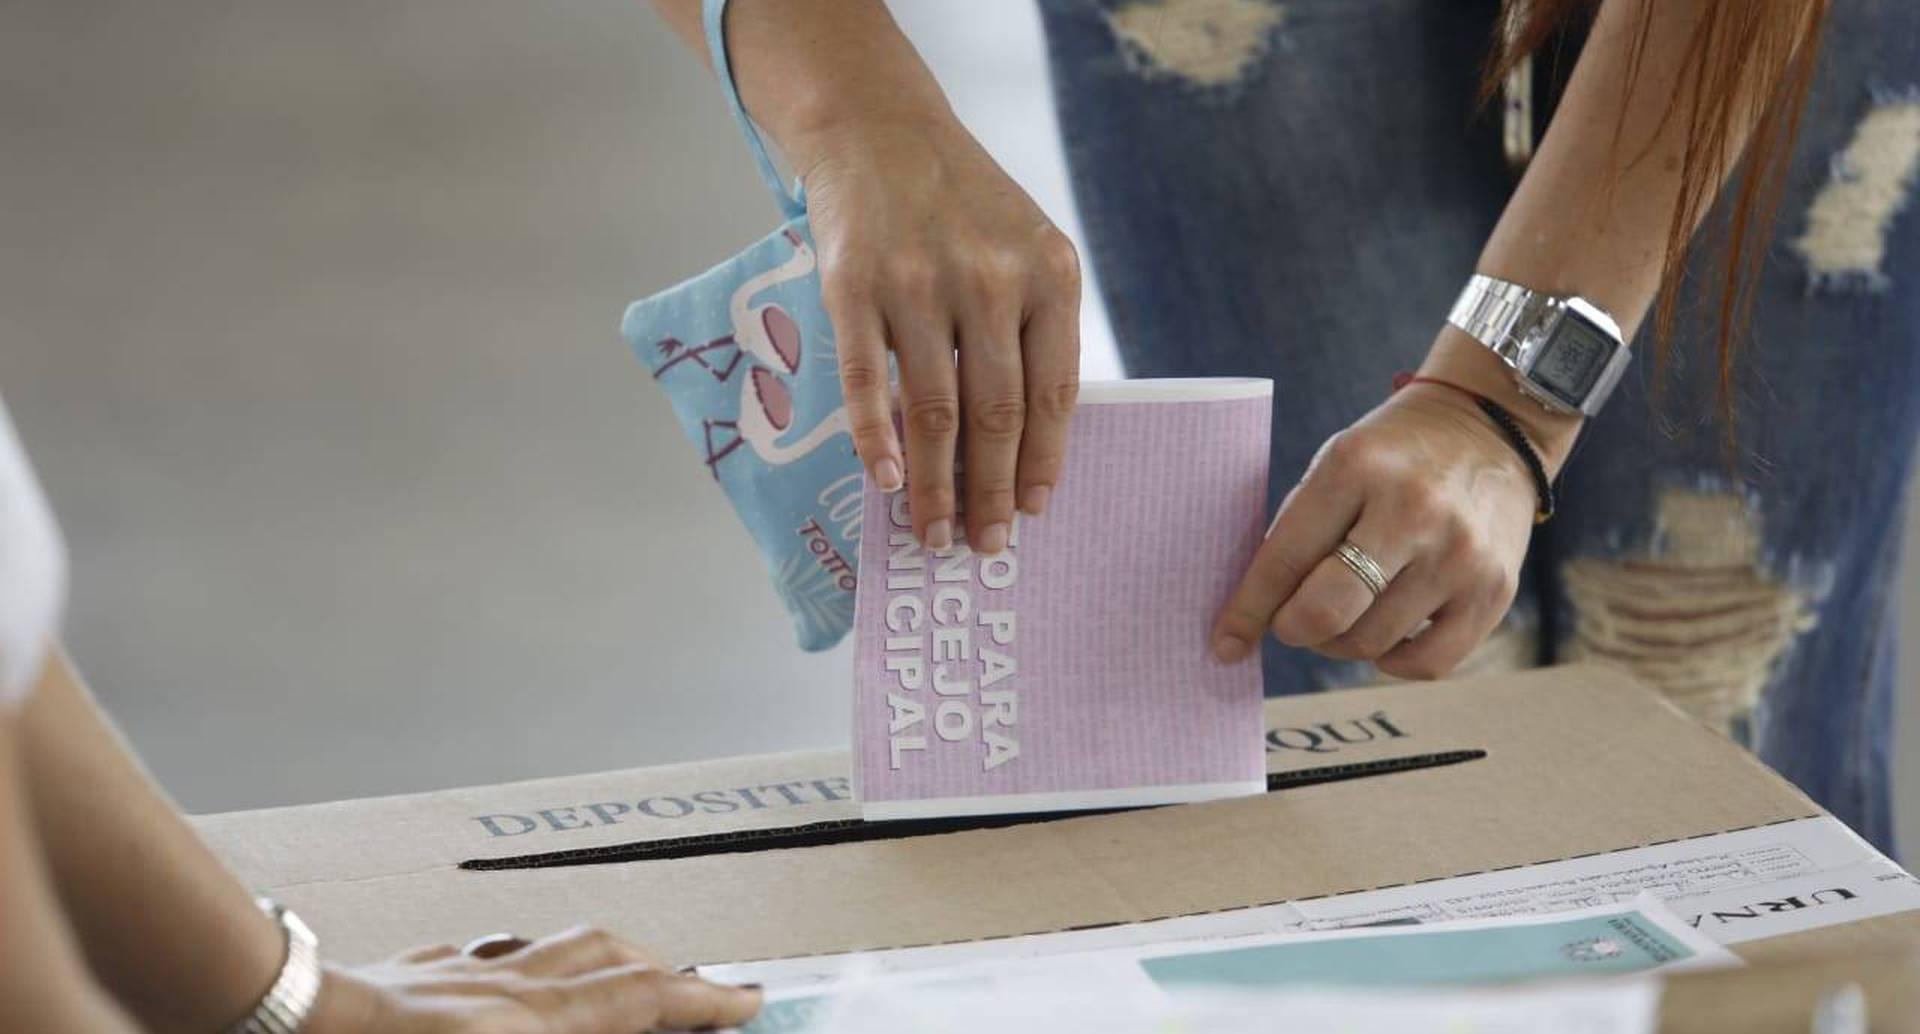 El proyecto busca una modernización del proceso electoral.